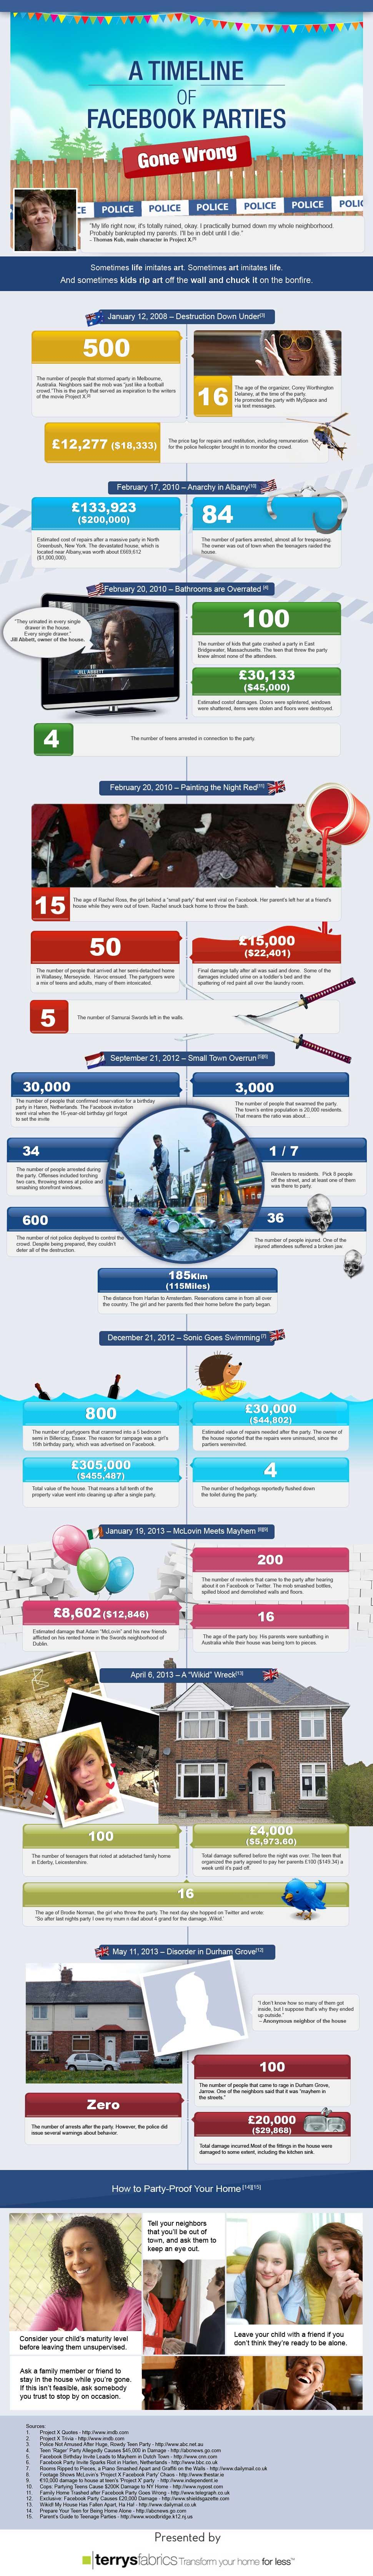 InfographicFacebookPartiesGoneWrong